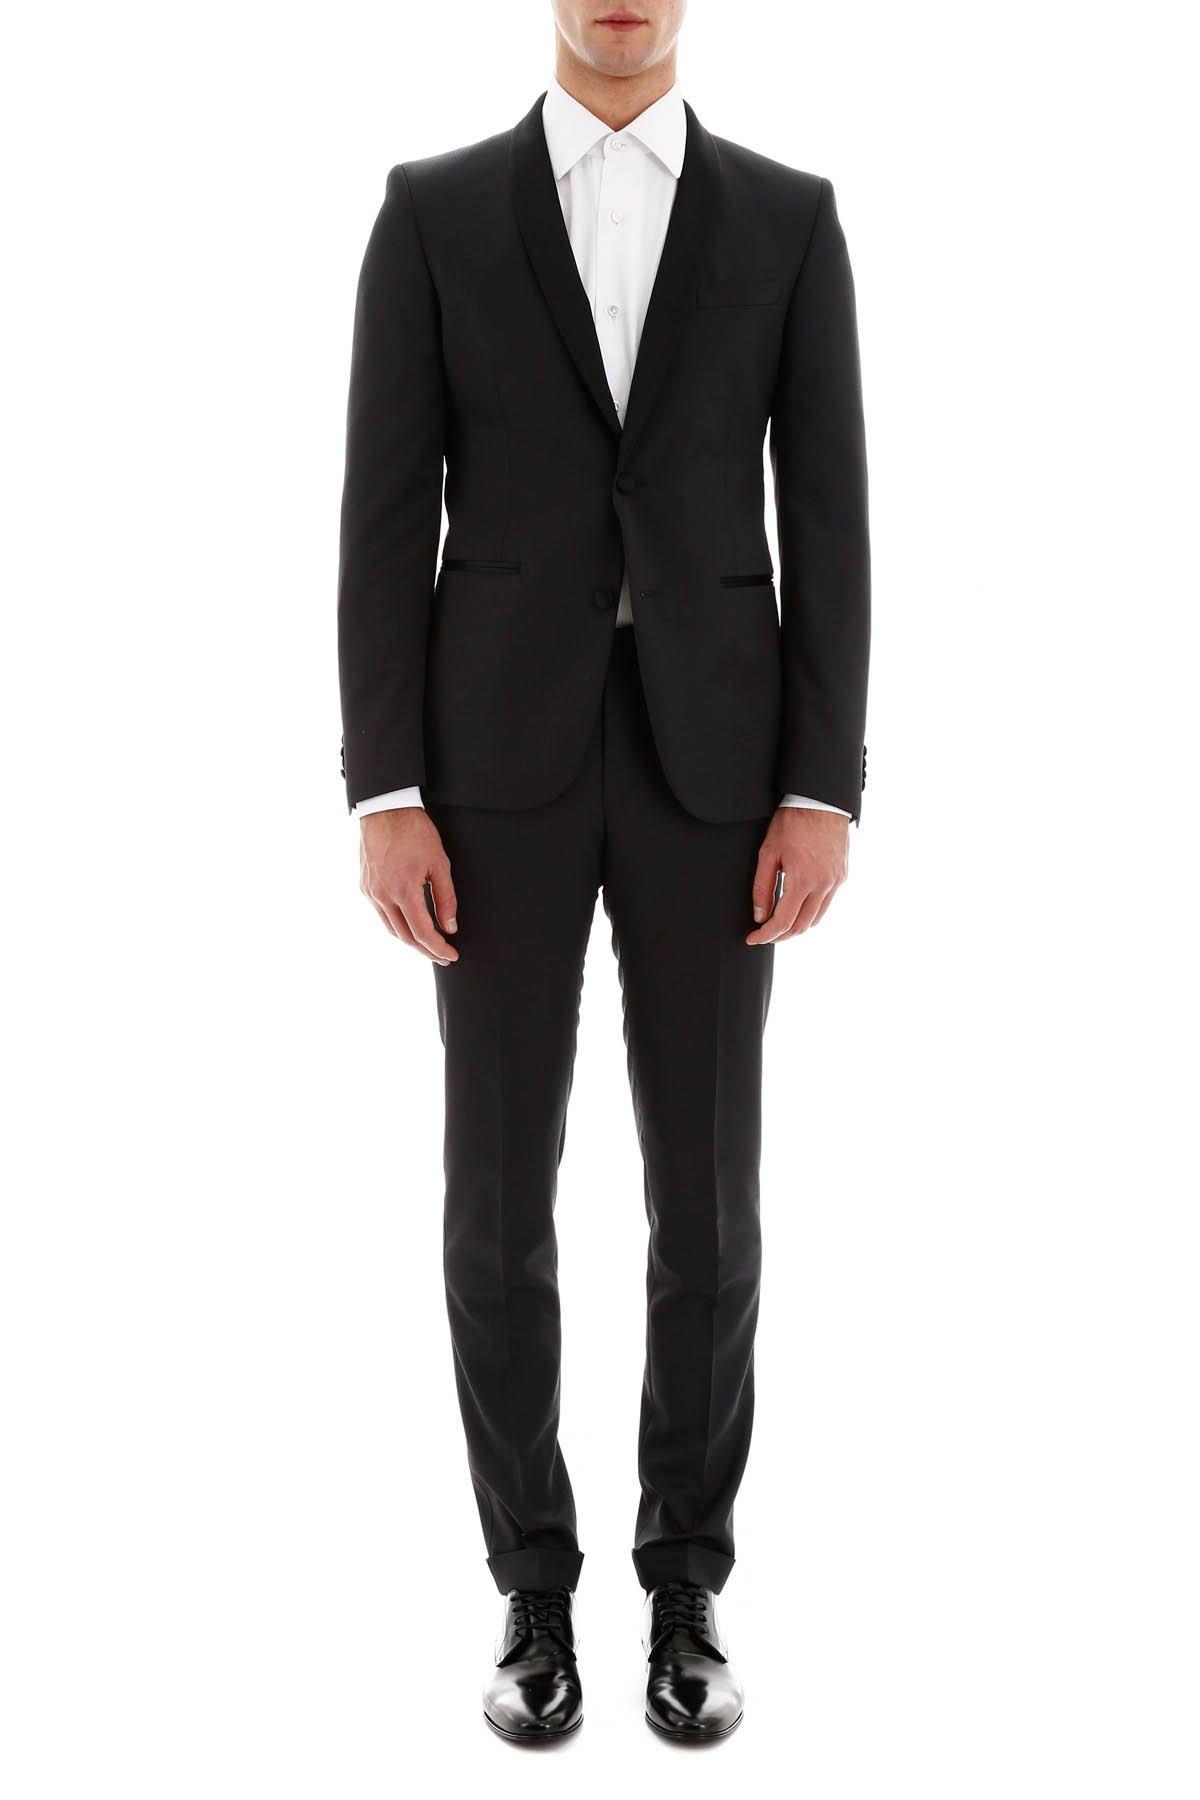 Cc collection corneliani abito smoking suit